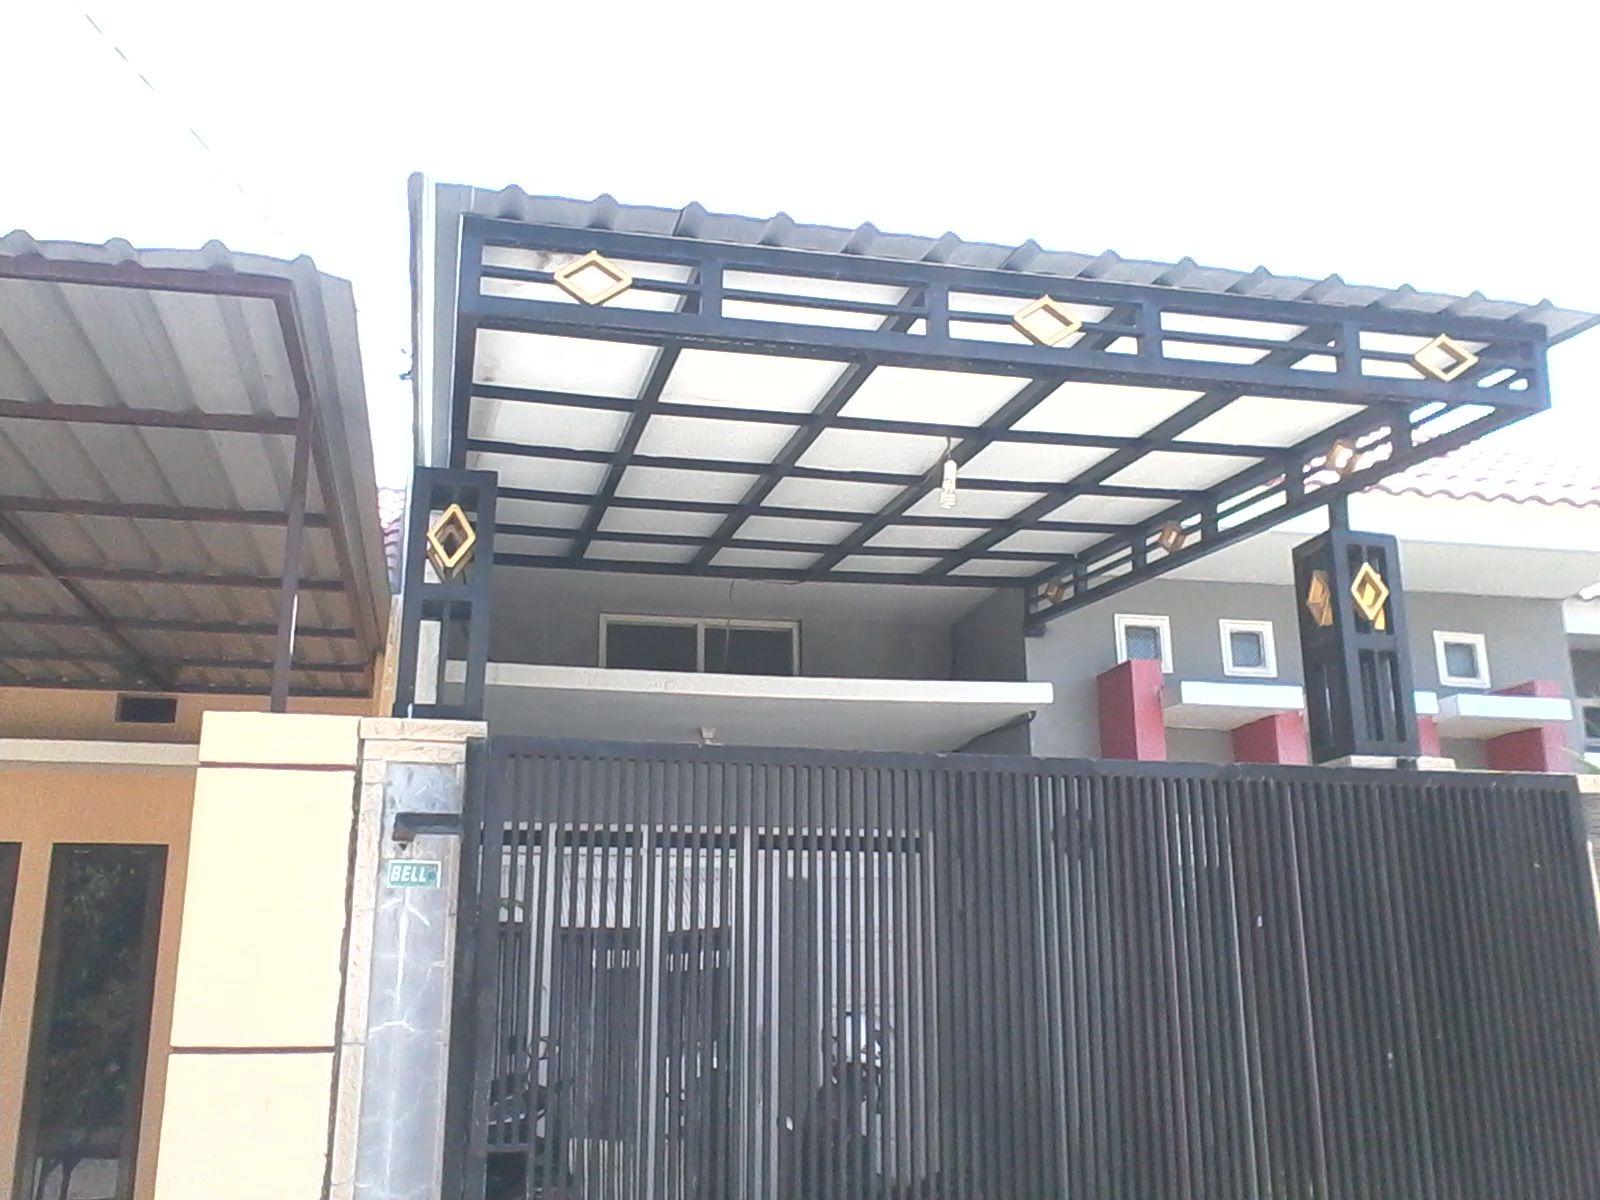 lisplang kanopi baja ringan model canopy plafon bisa anda pilih utk menjawab kebutuhan